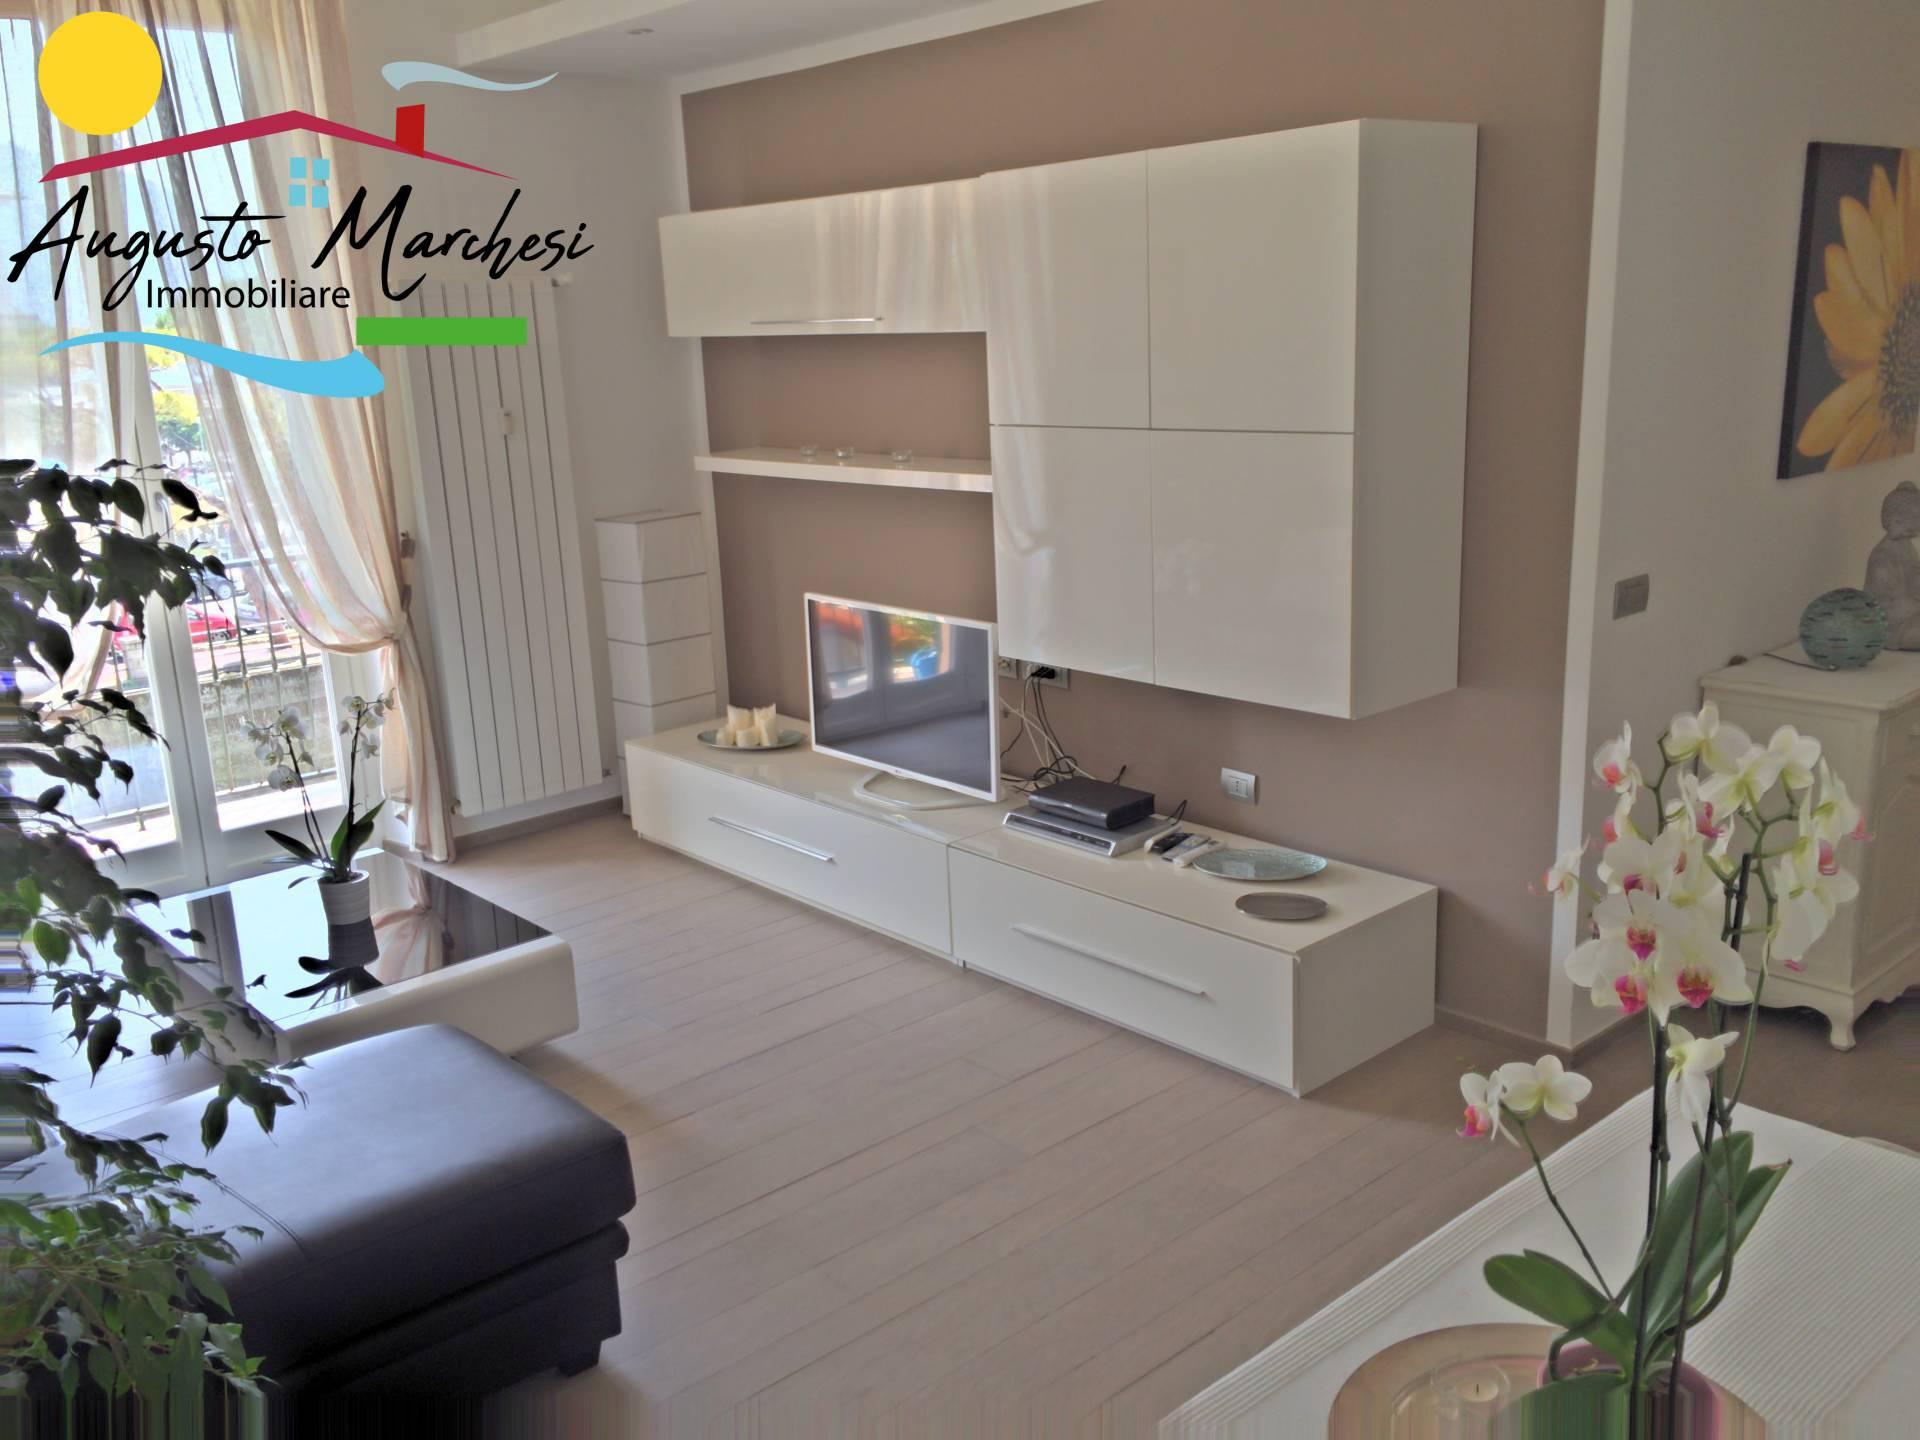 Appartamento in affitto a Recco, 6 locali, zona Località: Lungomare, prezzo € 1.600 | CambioCasa.it